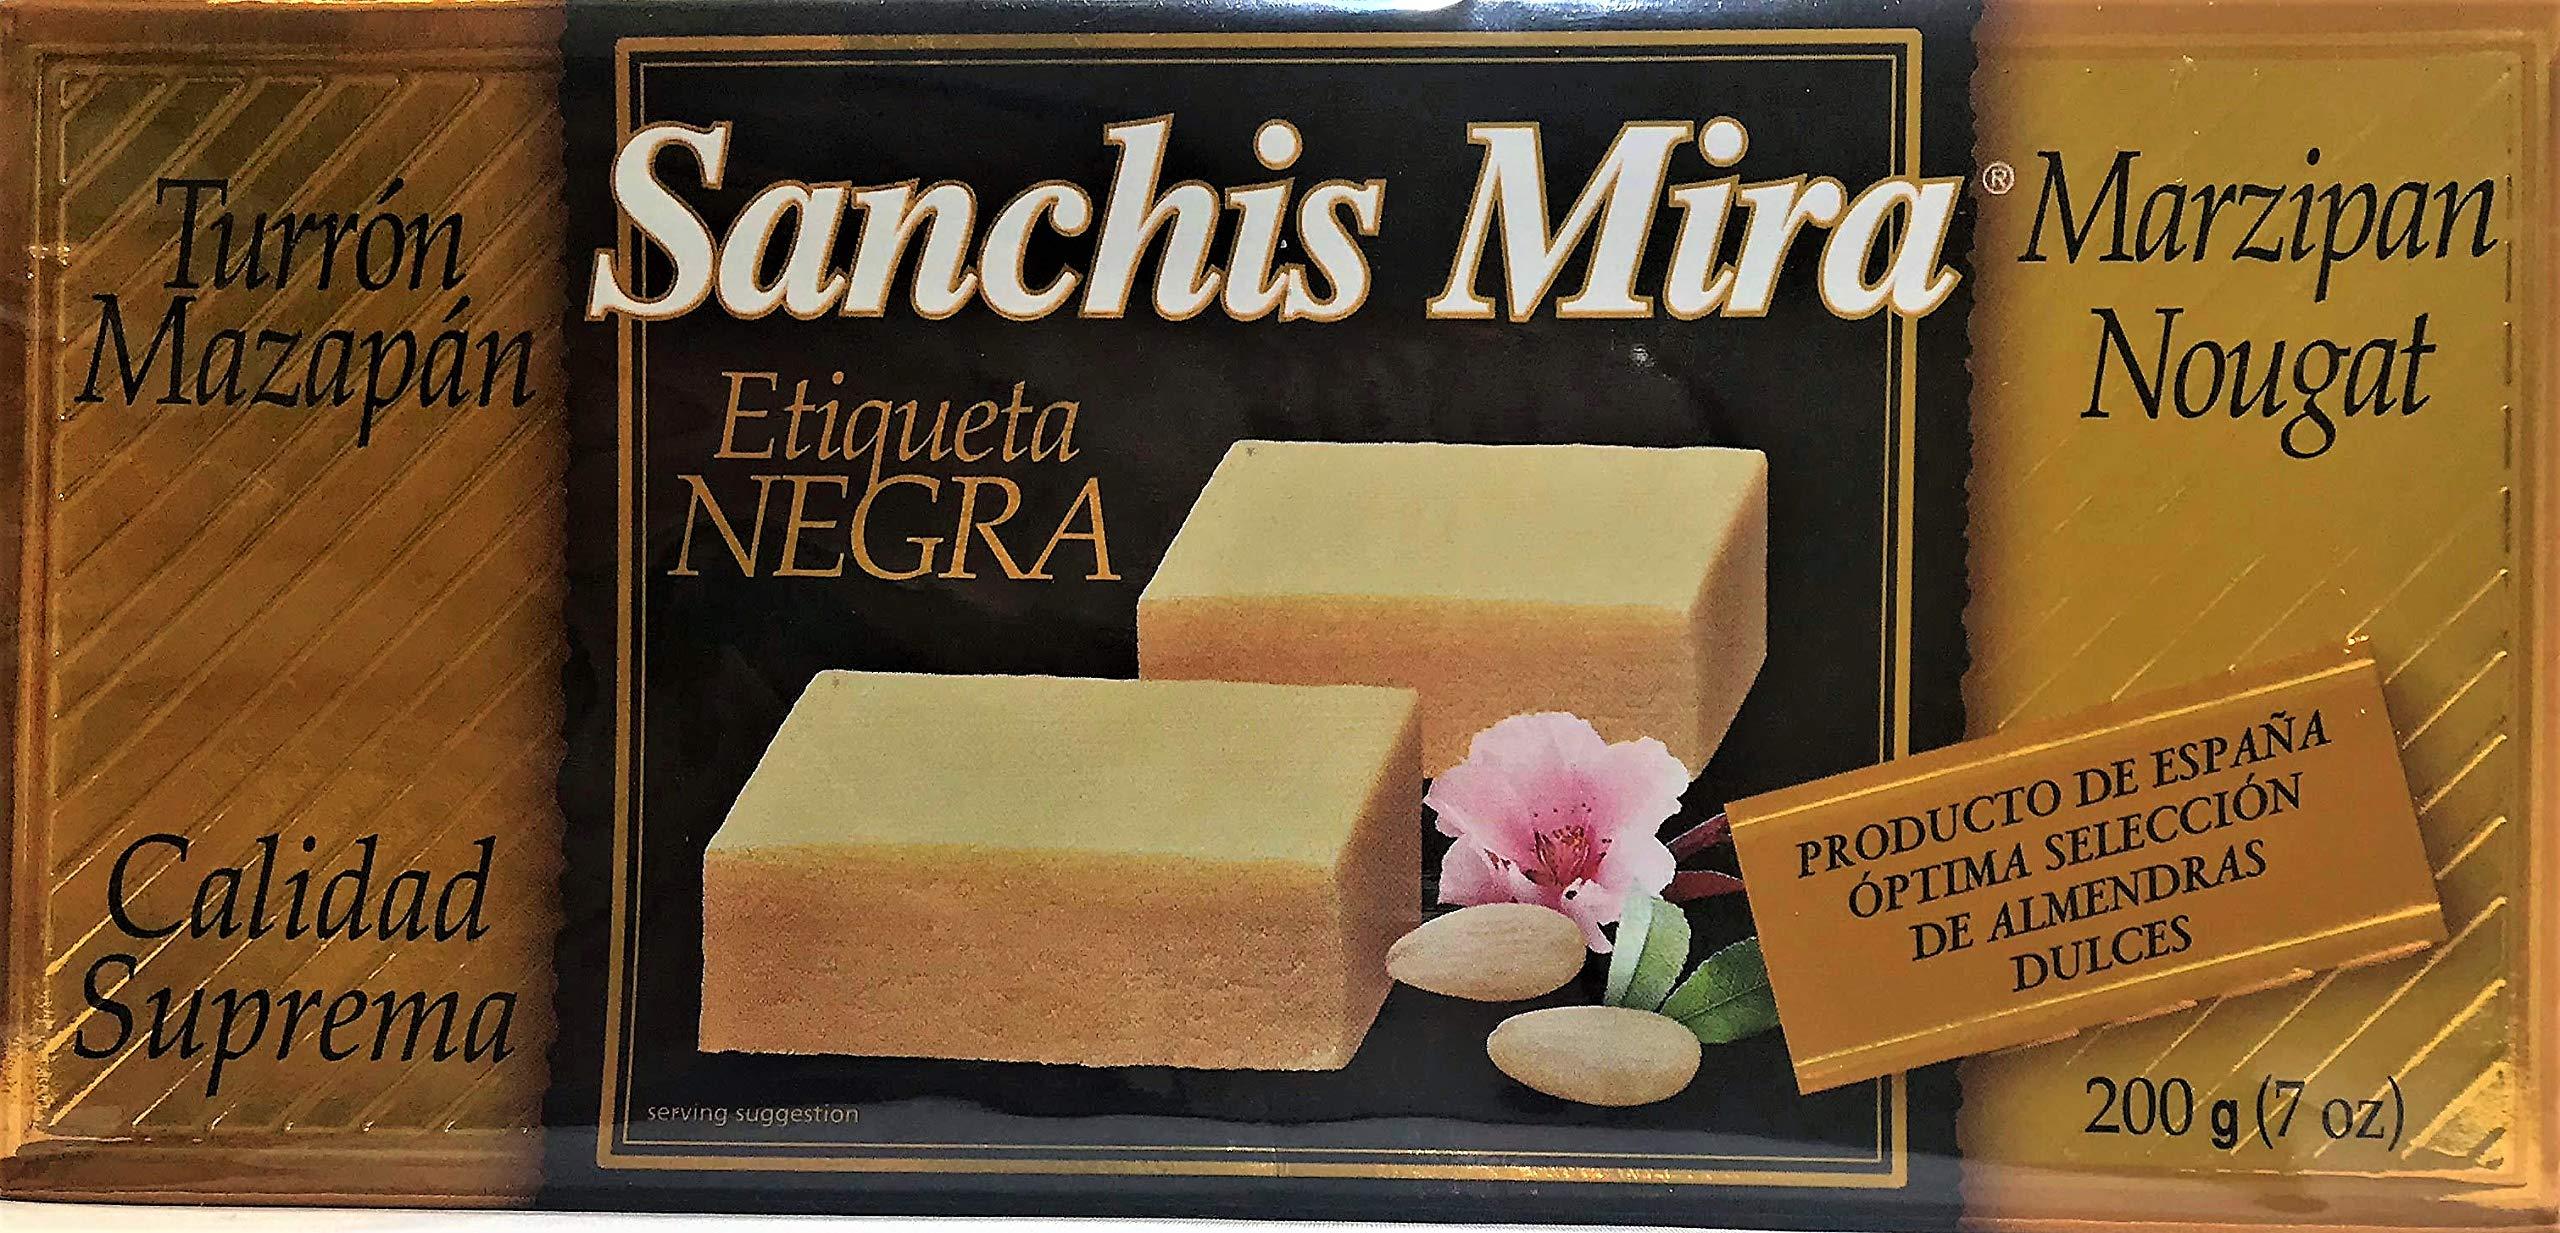 Sanchis Mira Turron de Mazapan 200 grs. (7oz.)